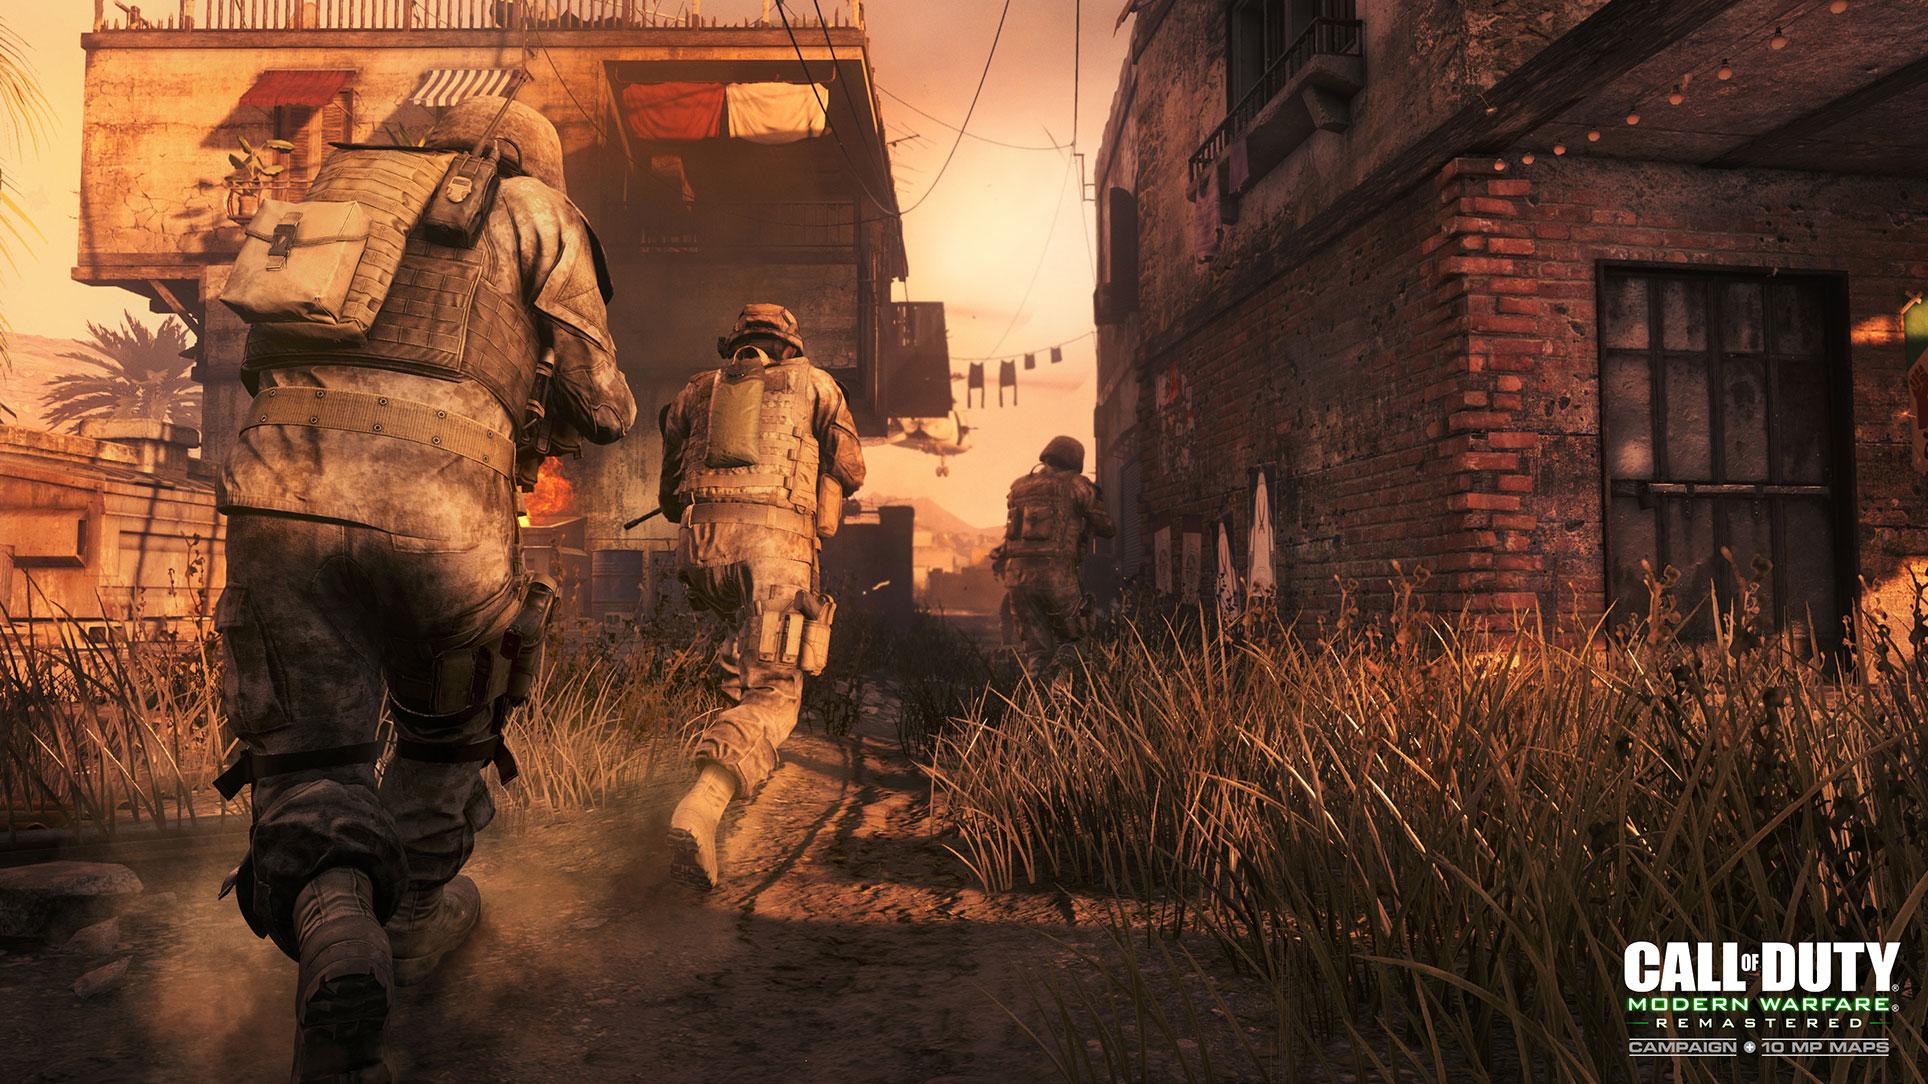 """2007 lässt Activisions Ego-Shooter-Reihe die Weltkriegs-Schlachtfelder hinter sich: Mit """"Modern Warfare"""" beginnt der erfolgreiche Serien-Umzung in die Krisenherde der Gegenwart. 2017 erfährt der moderne Shooter-Klassiker ein Remake."""